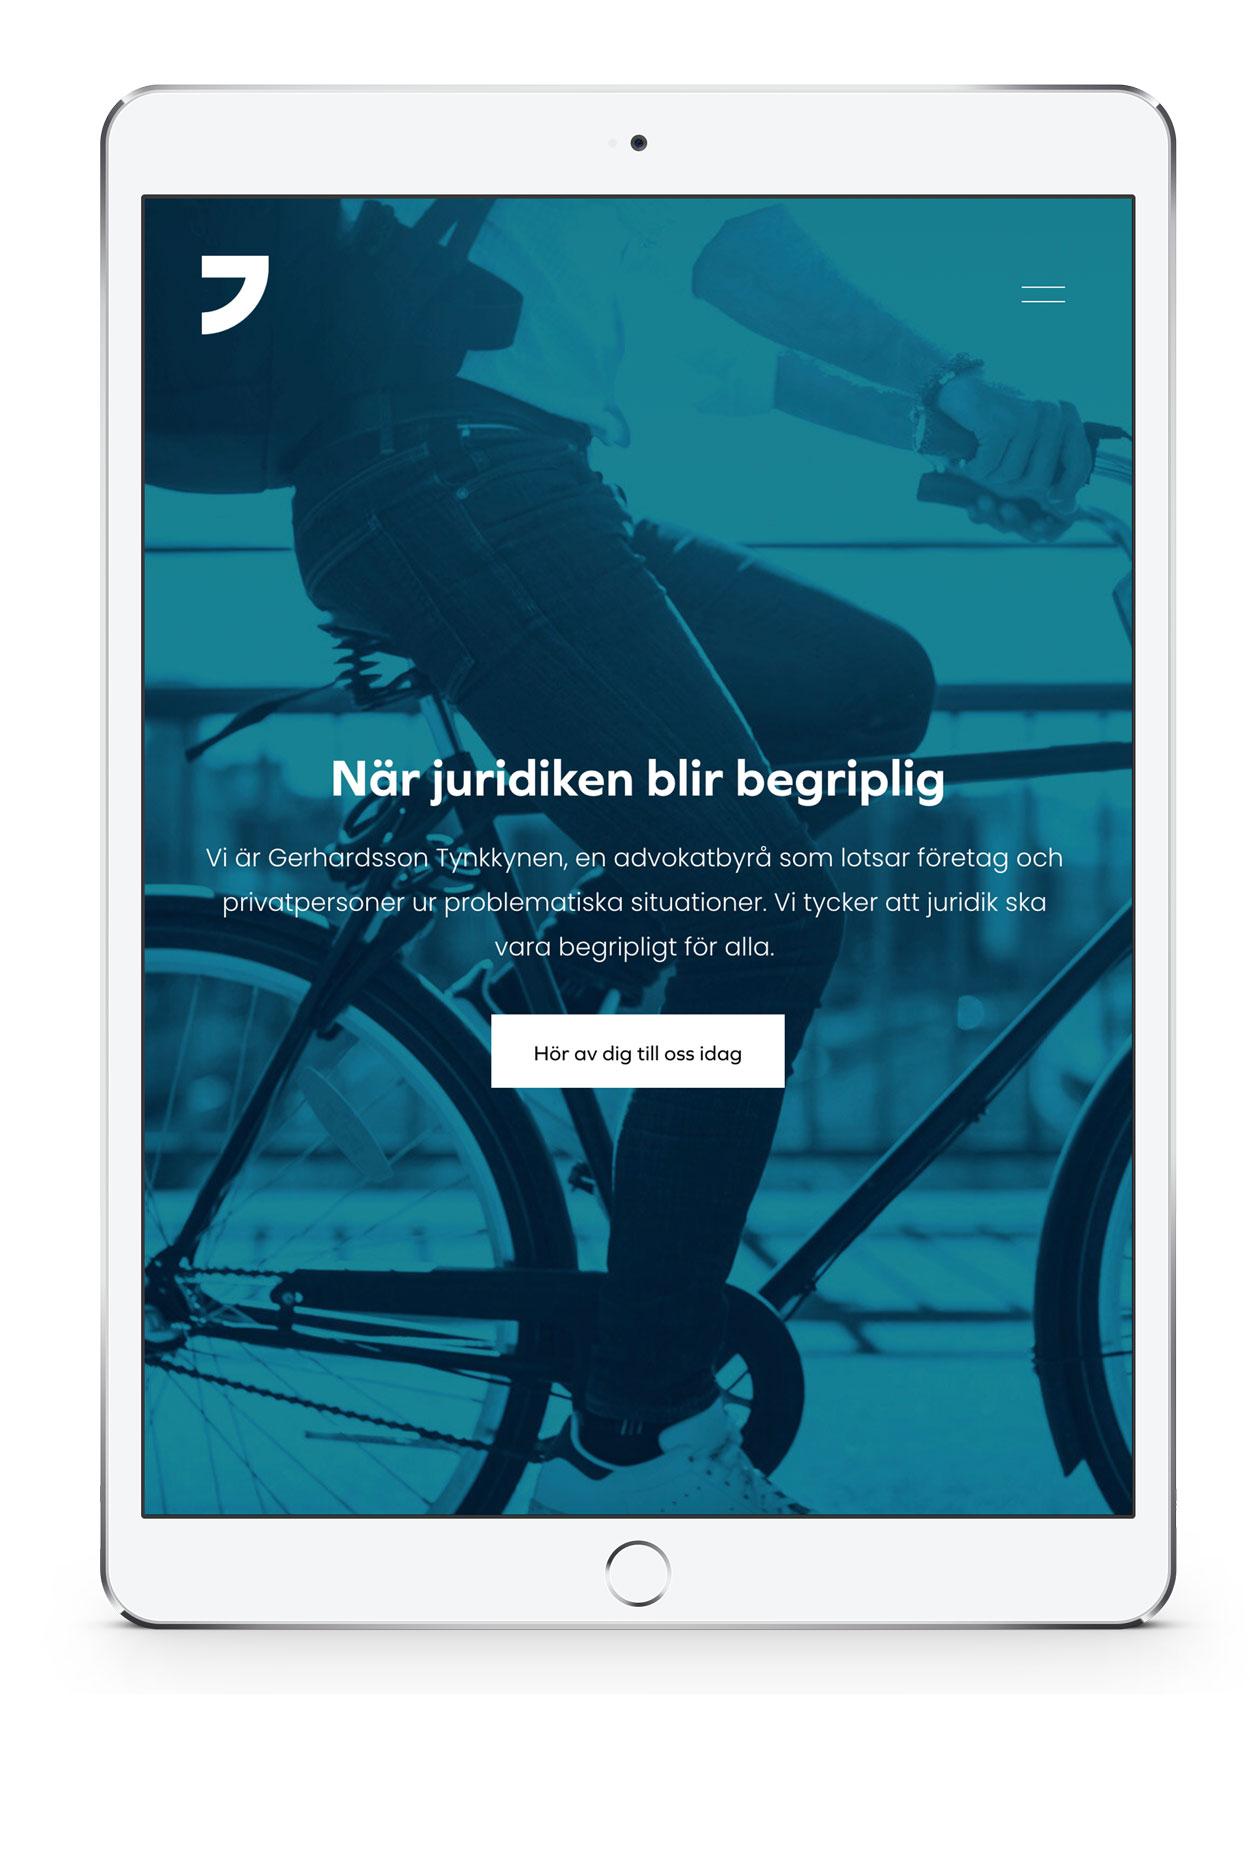 Gerhardsson och Tynkkynen webbplats